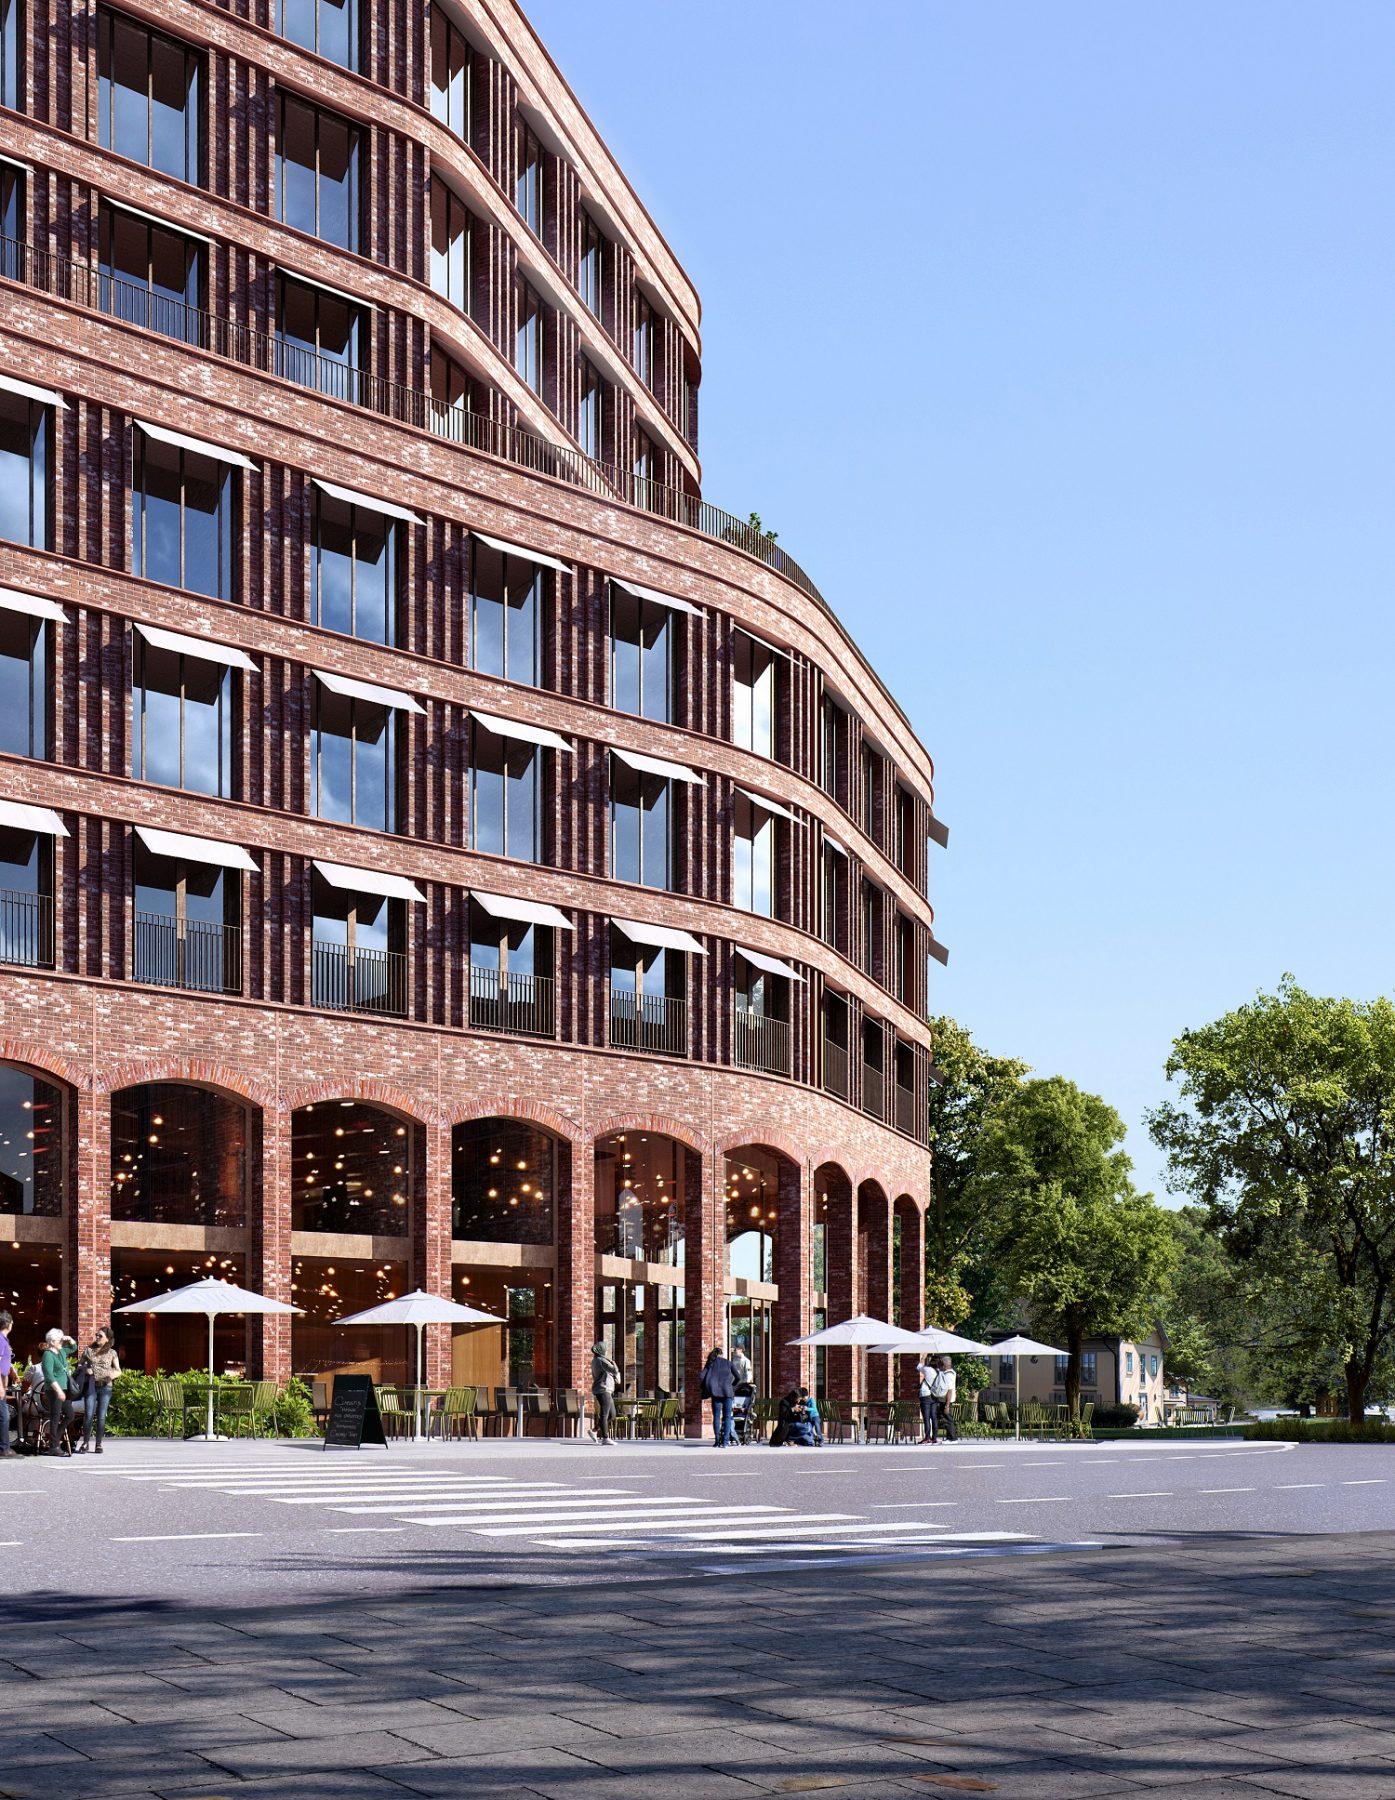 Hotell Östra Hagastaden